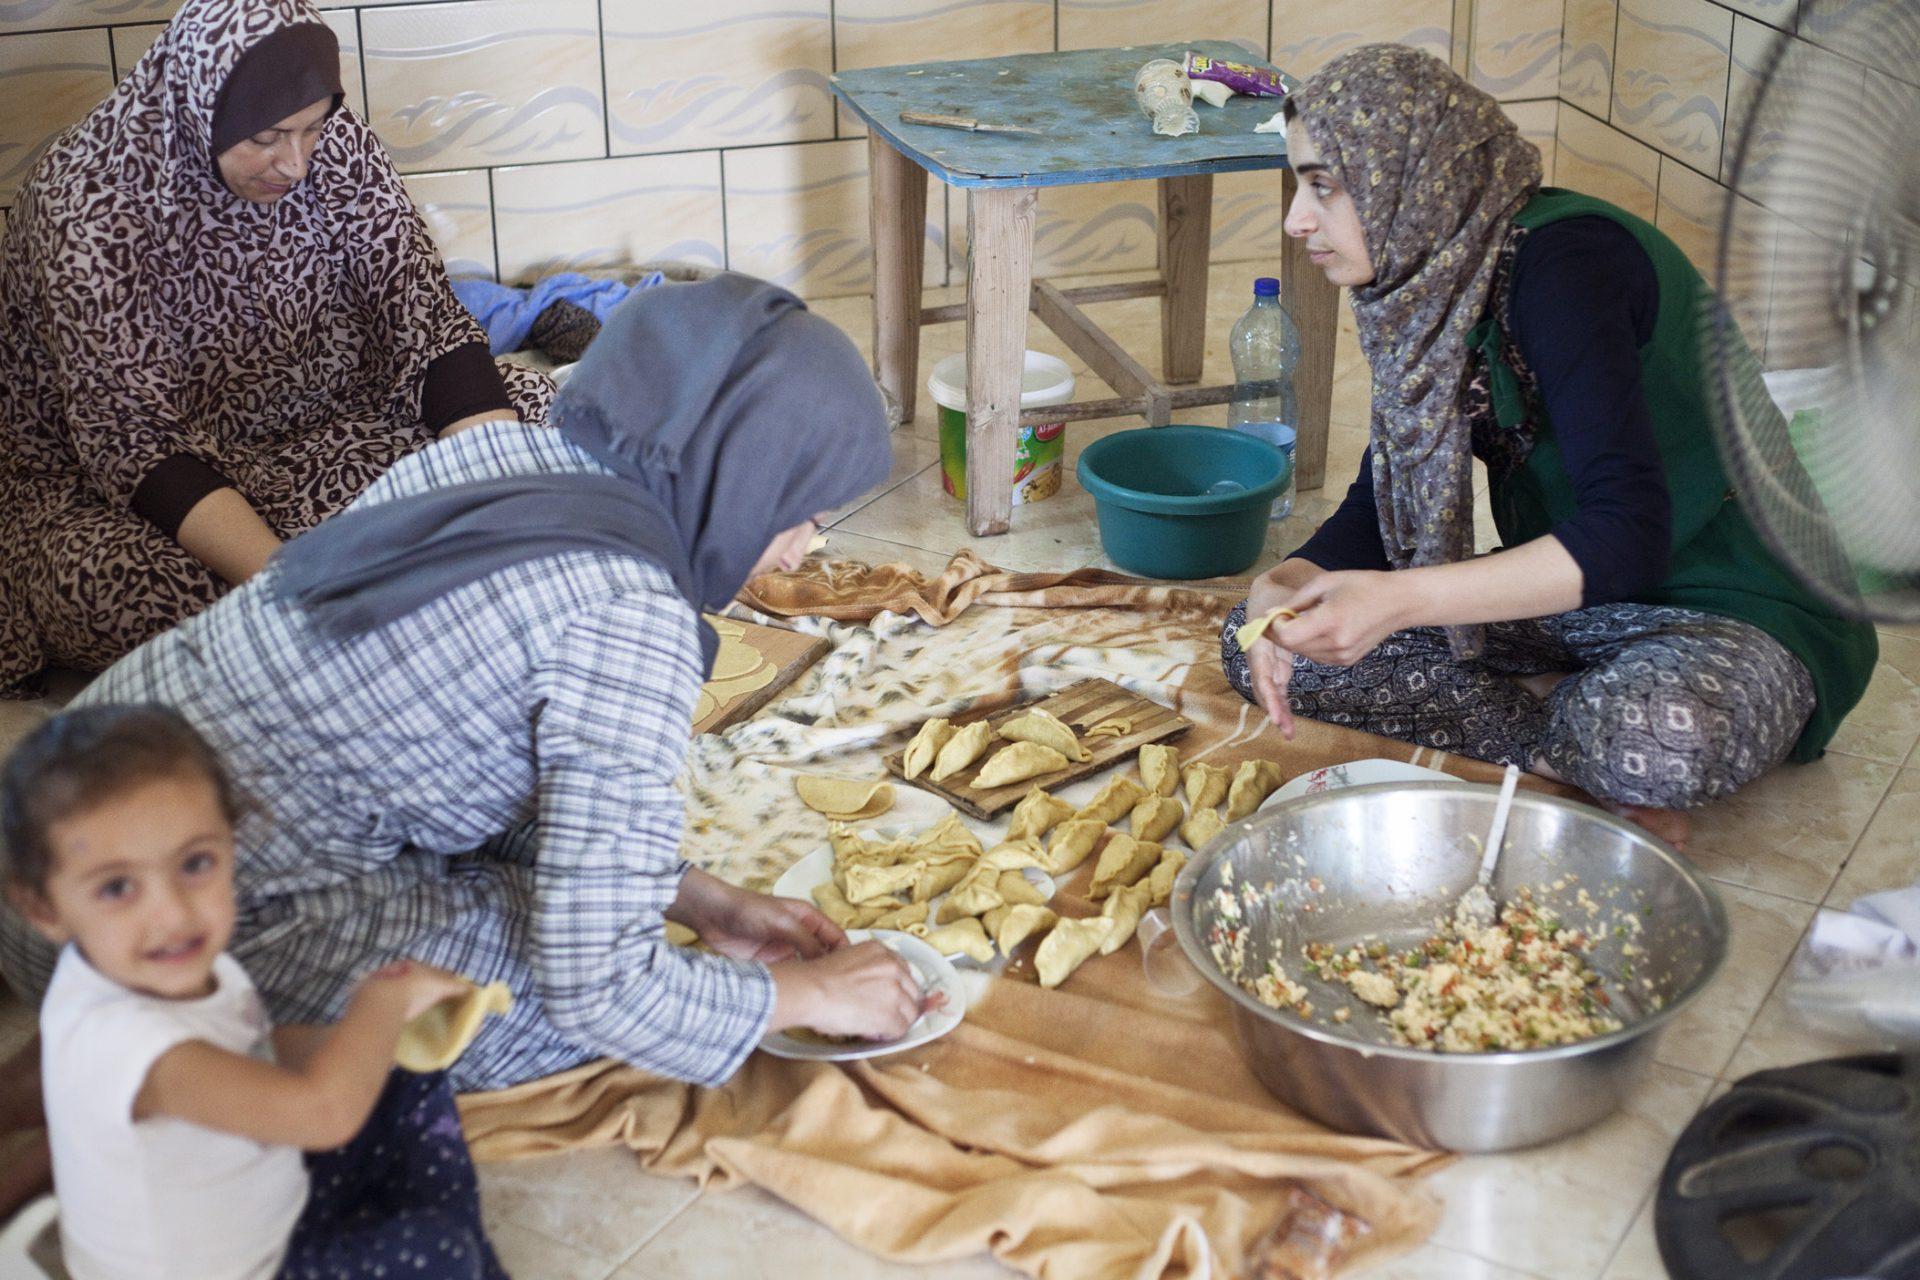 Préparation du déjeuner pour les bénévoles italiens présents 15 jours dans le village.